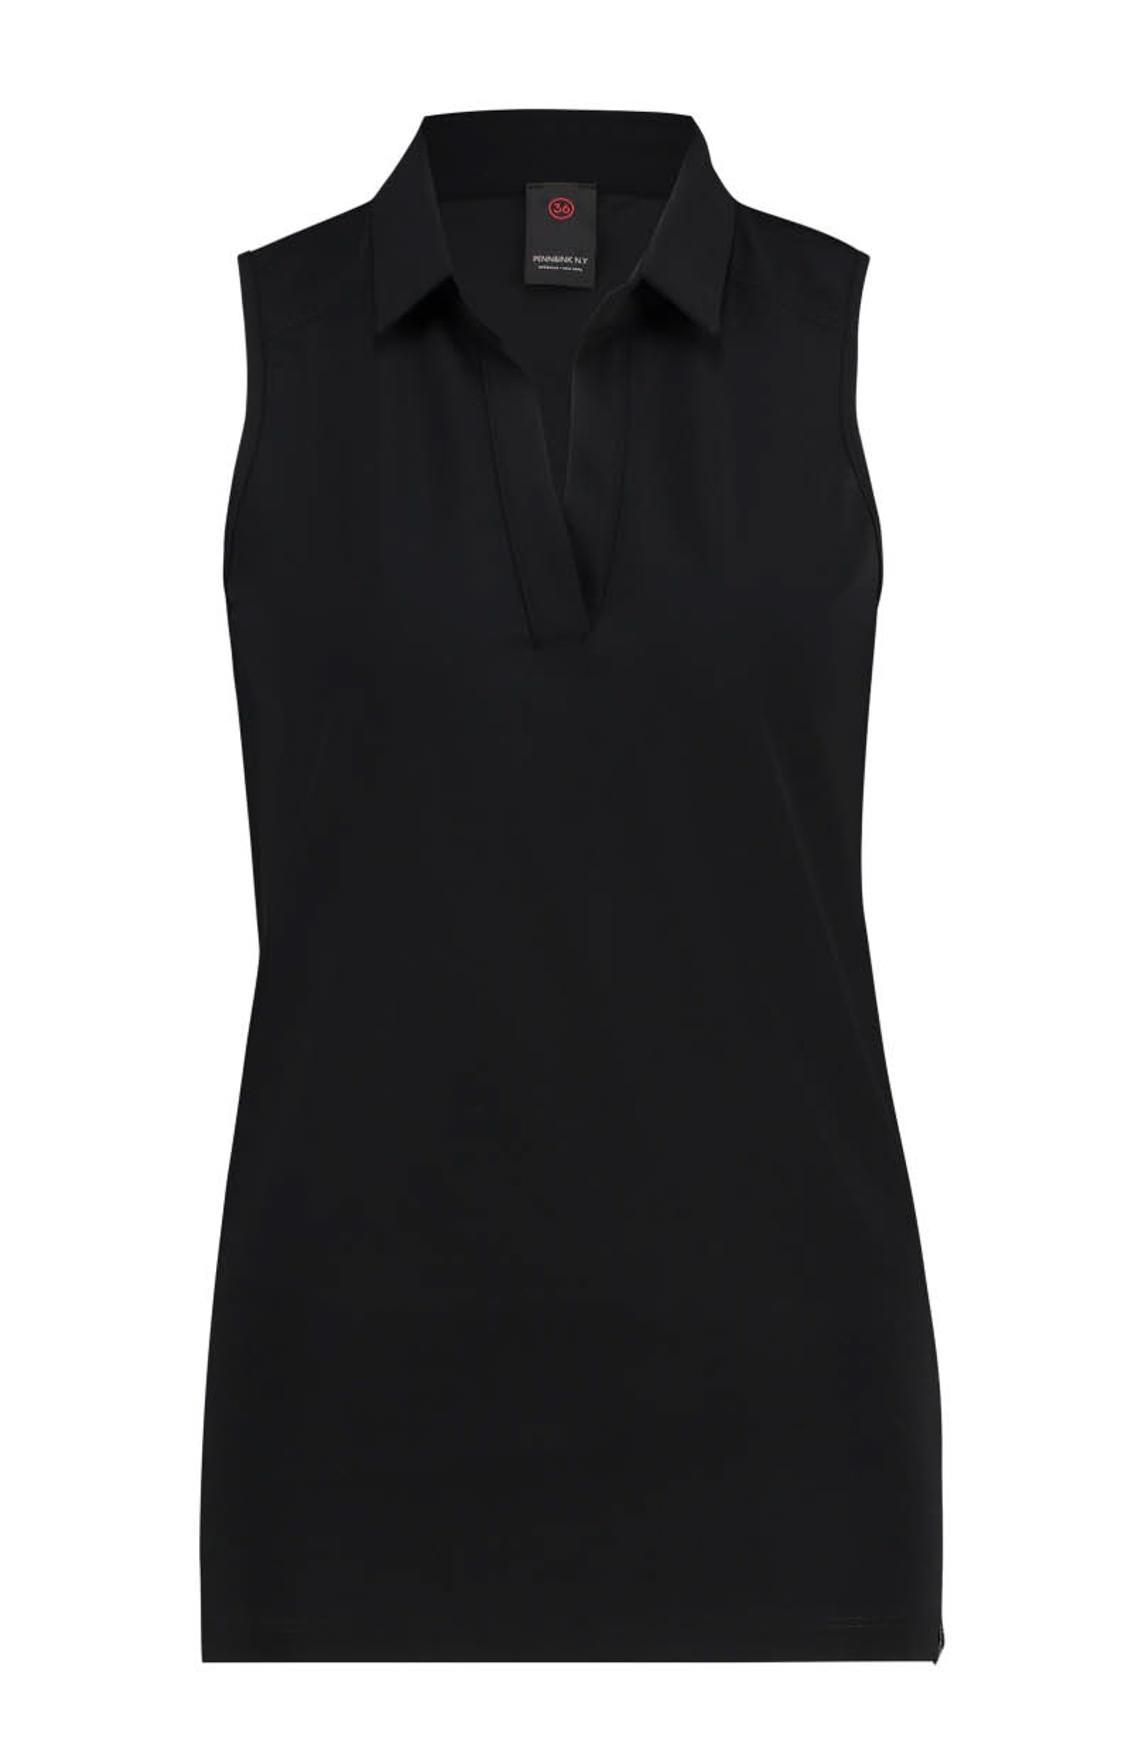 Penn & Ink Dames Casual top zwart